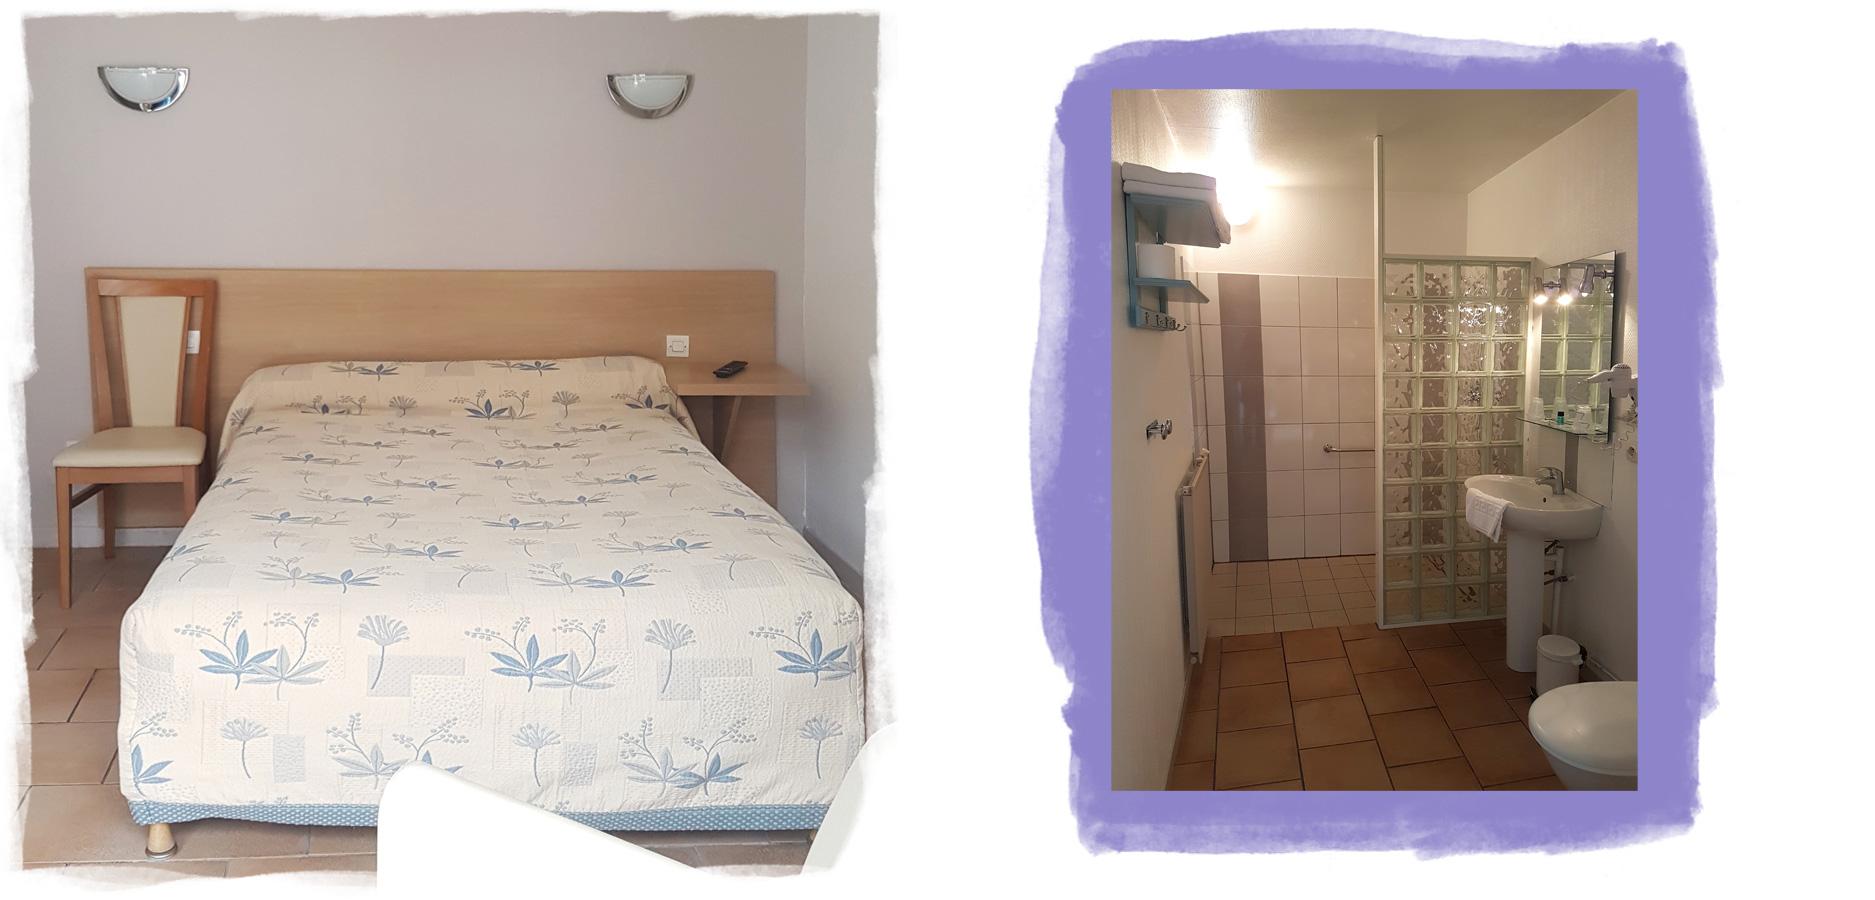 Détails d'une chambre pour quatre personnes de plein-pied avec douche